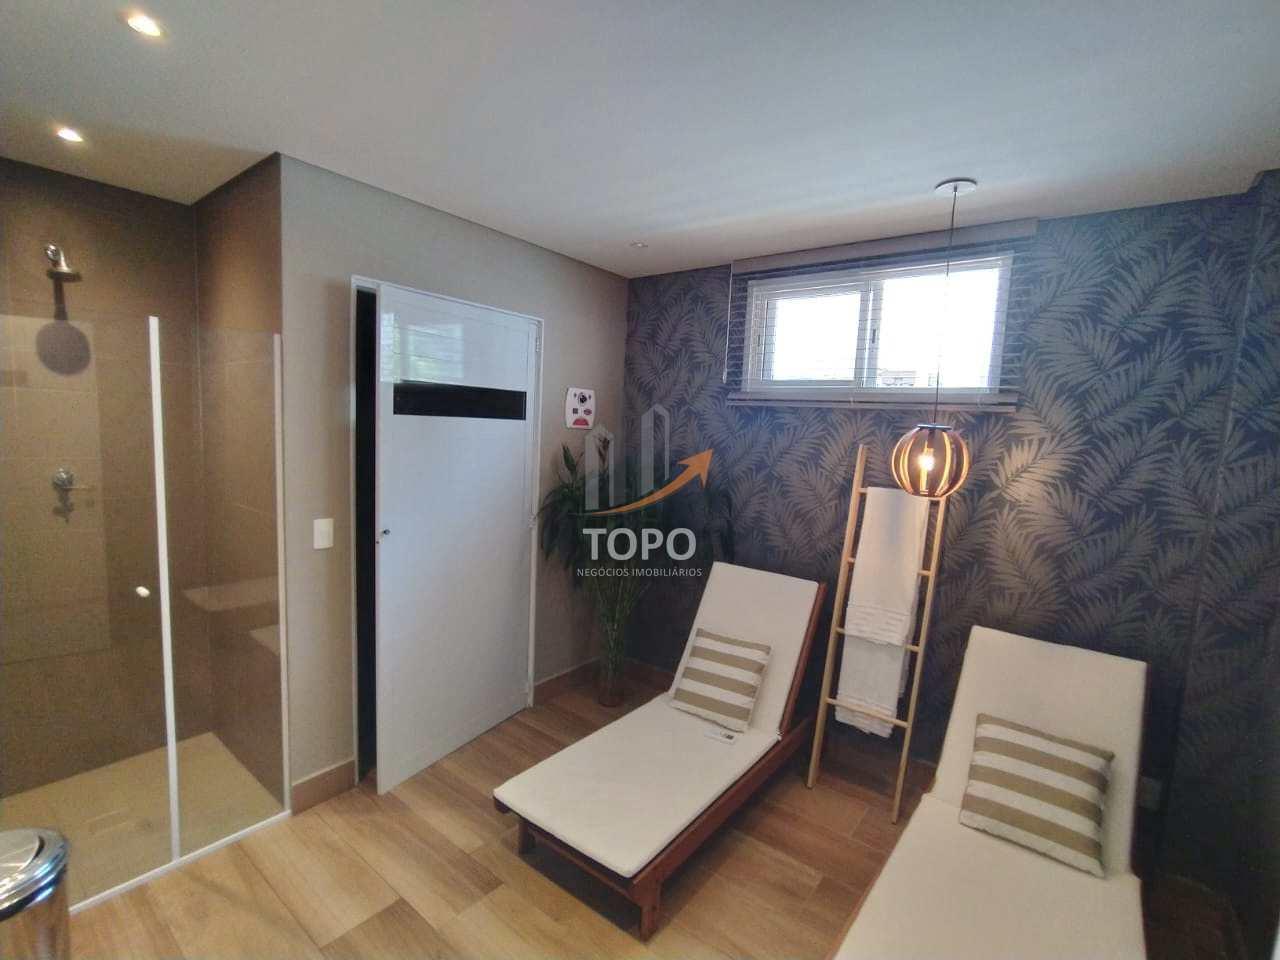 10 - Sauna